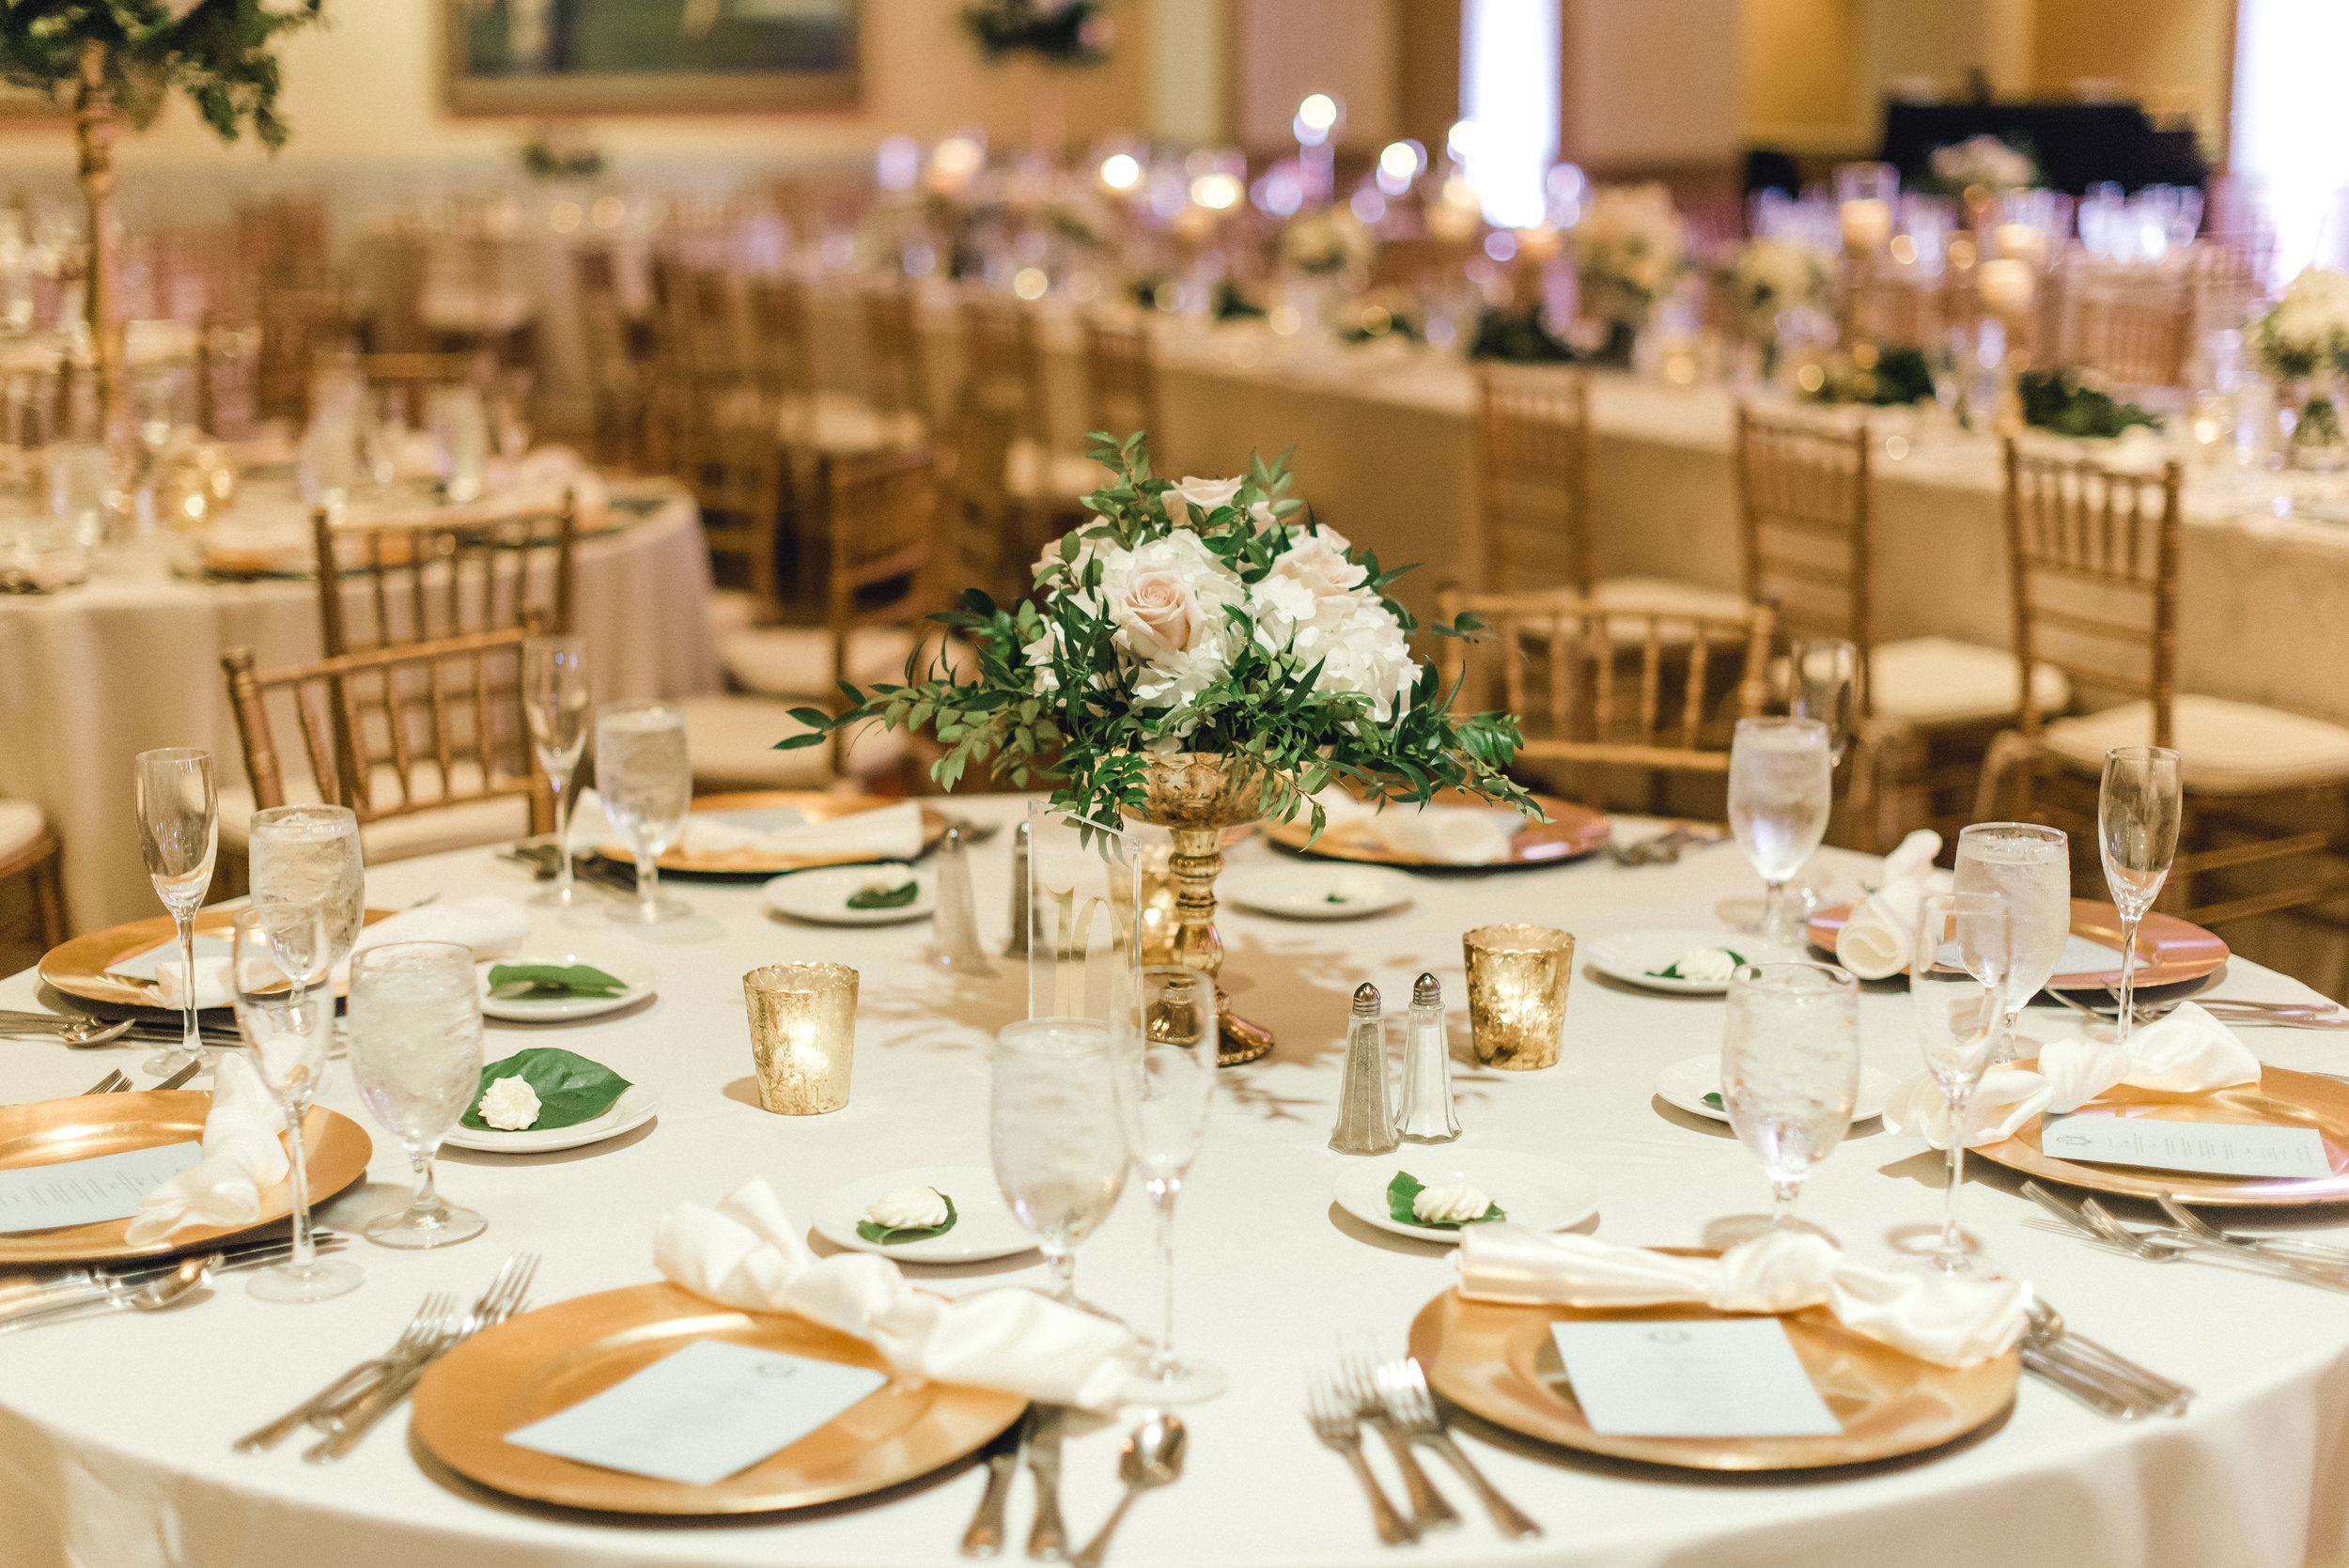 omni-william-penn-wedding-classic-chic-modern-photography-0033.jpg